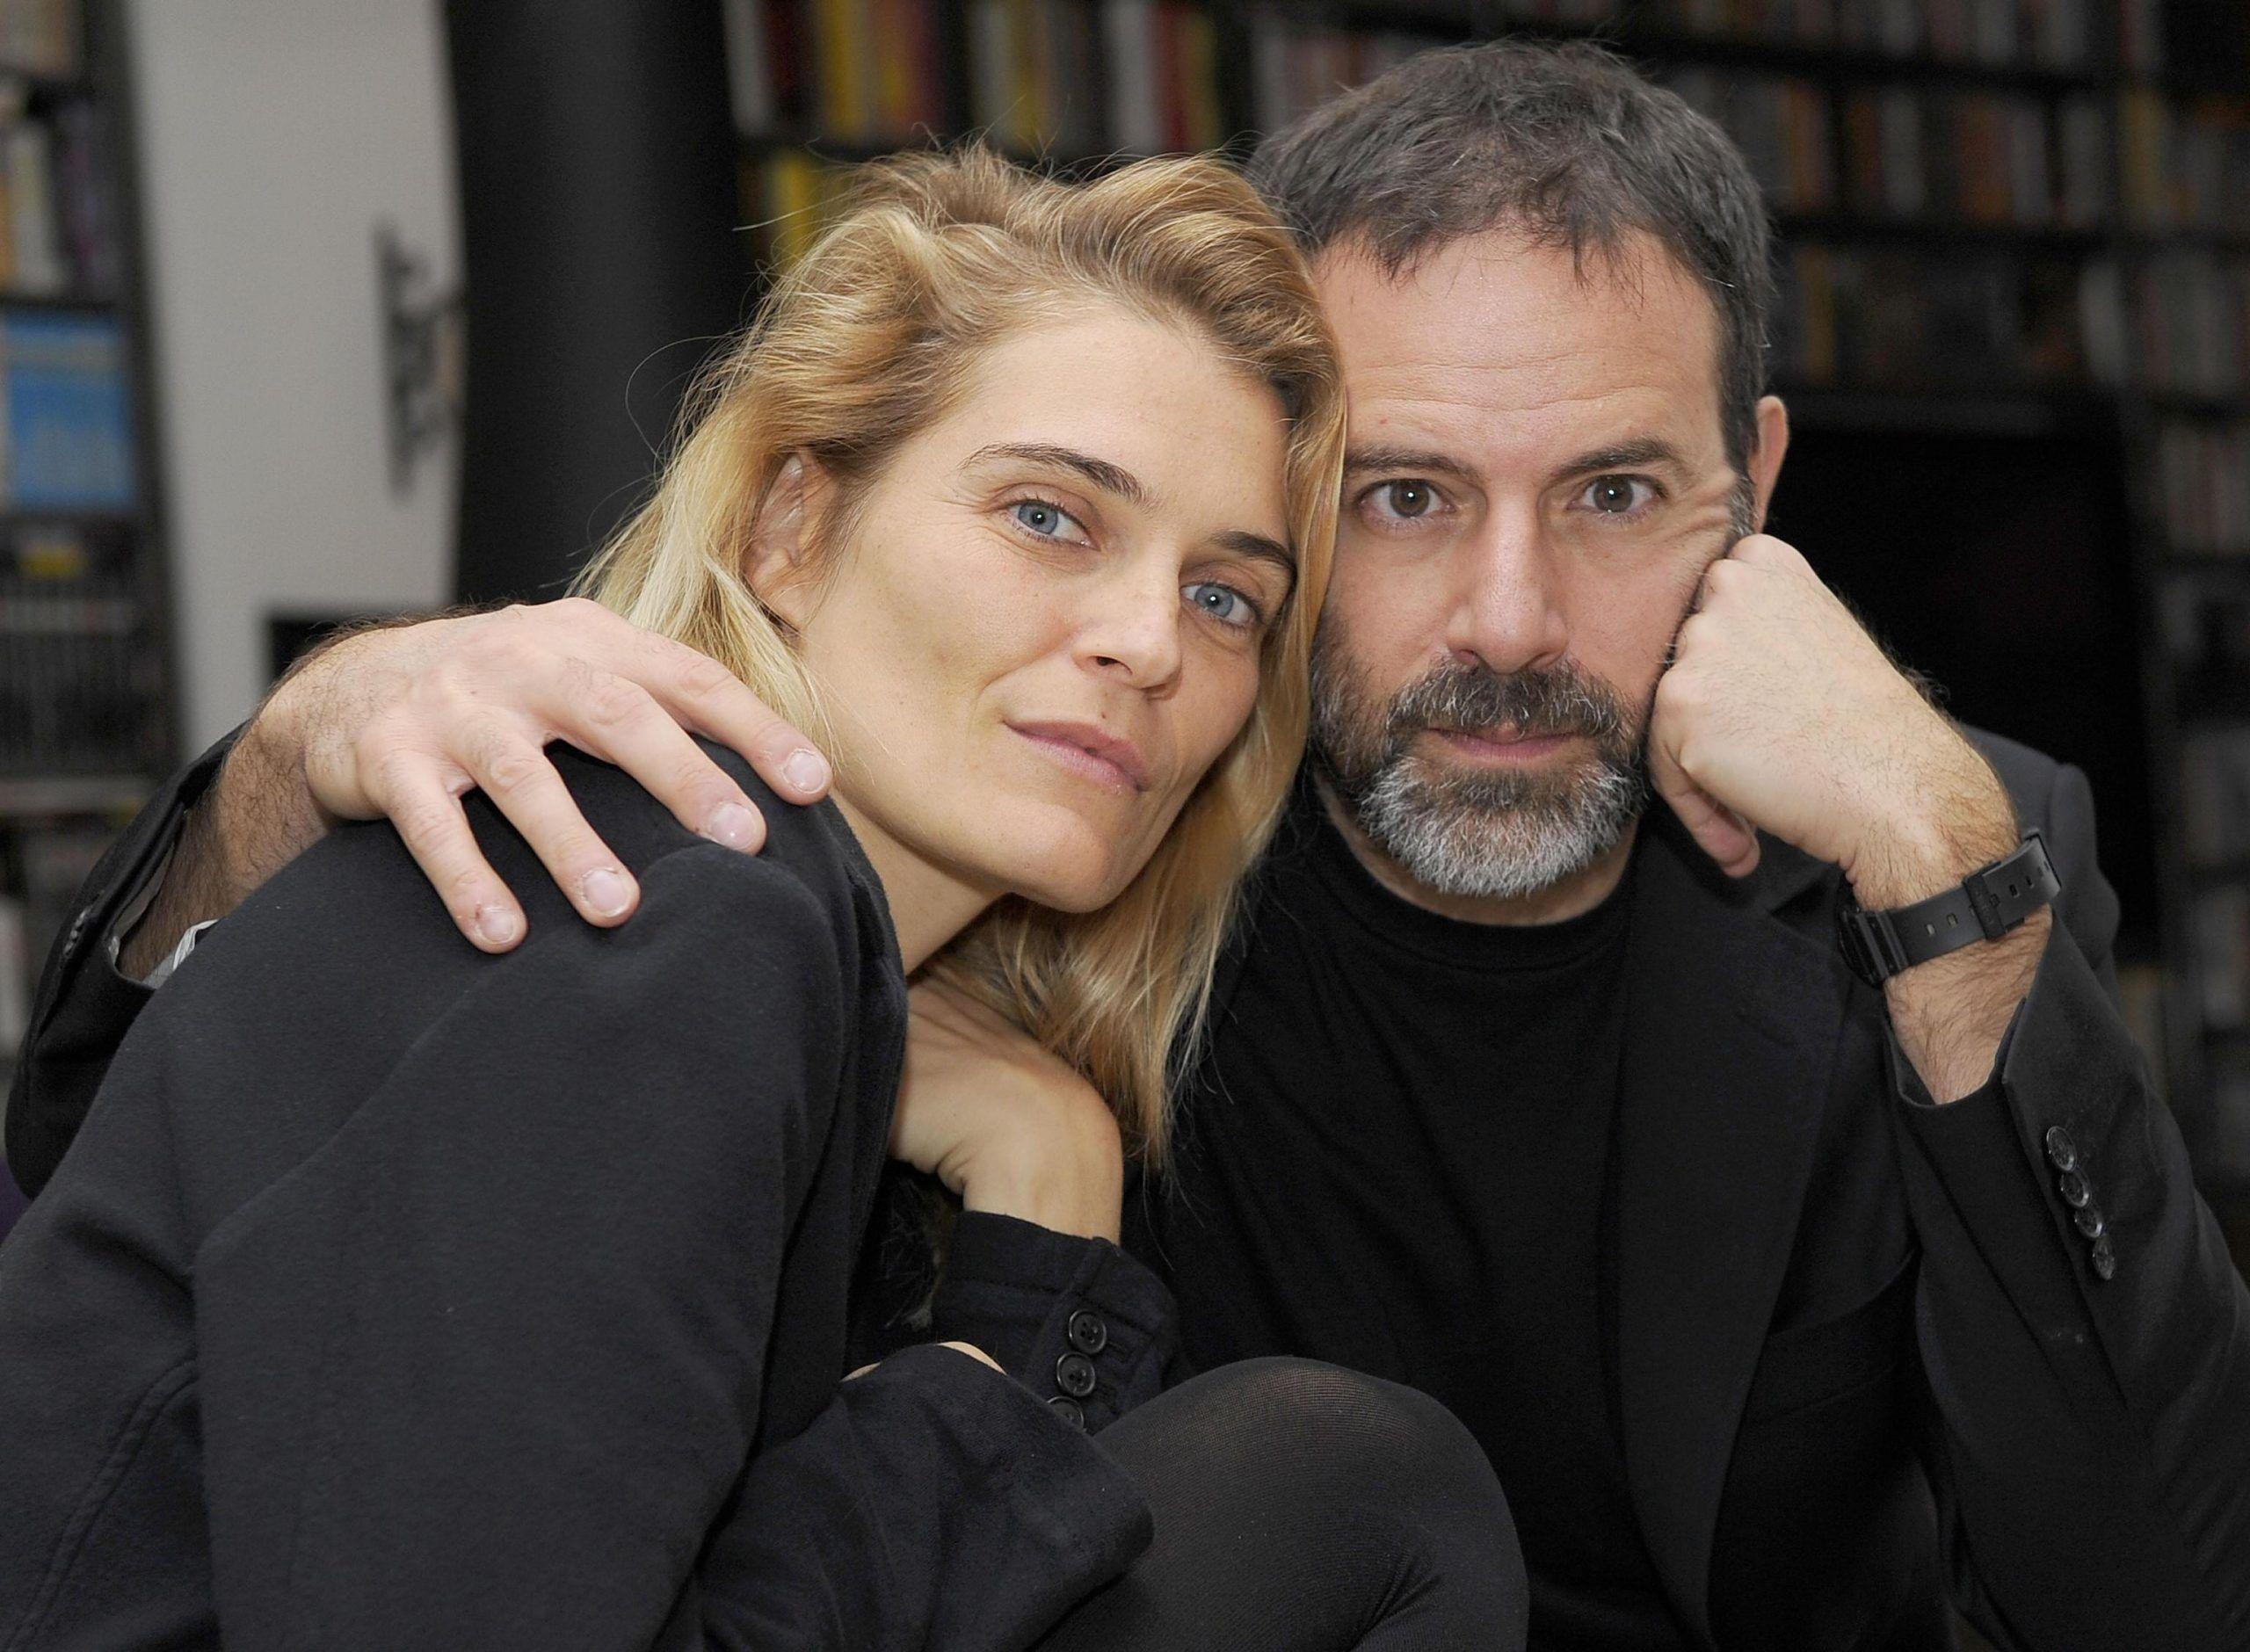 Fausto Brizzi e Claudia Zanella ritratti nella loro casa a Roma